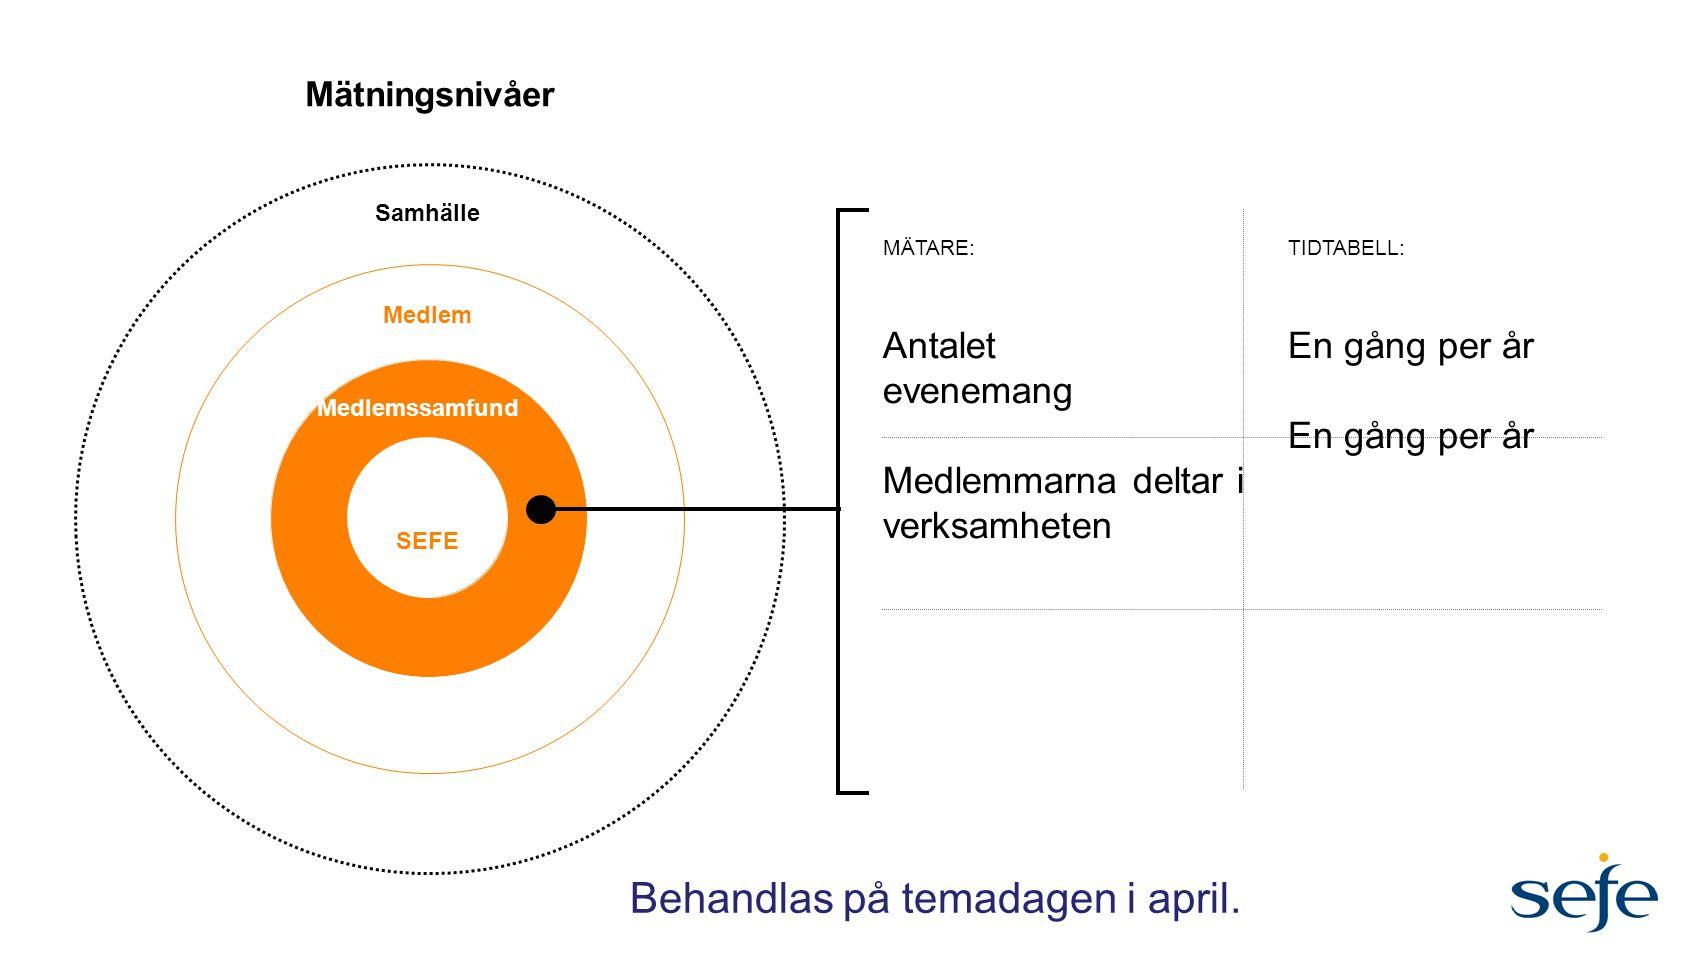 Mätningsnivåer SEFE Medlemssamfund Medlem Samhälle Antalet evenemang Medlemmarna deltar i verksamheten En gång per år MÄTARE:TIDTABELL: Behandlas på t